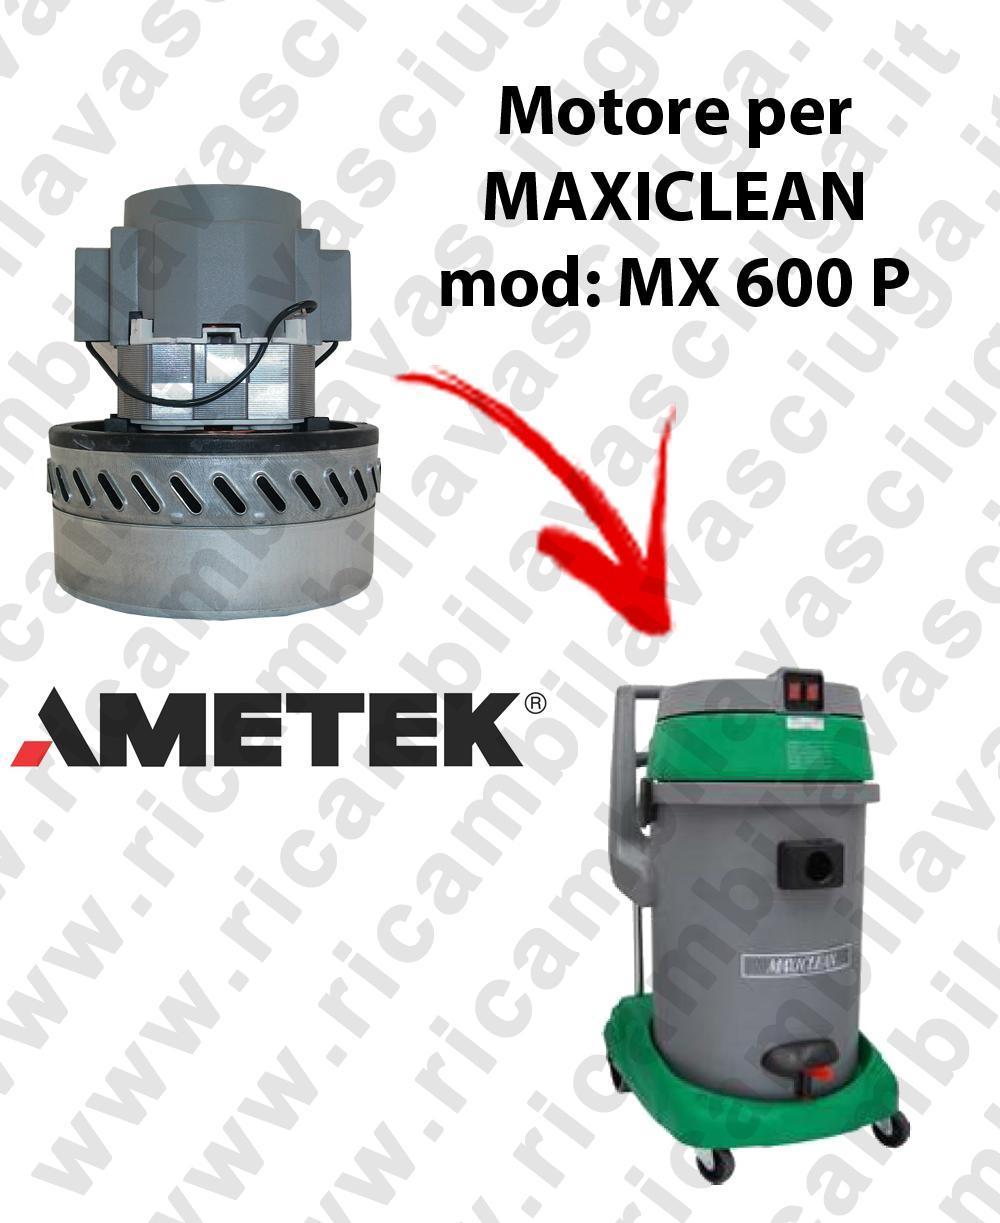 MX 600 P Saugmotor AMETEK für Staubsauger und trockensauger MAXICLEAN